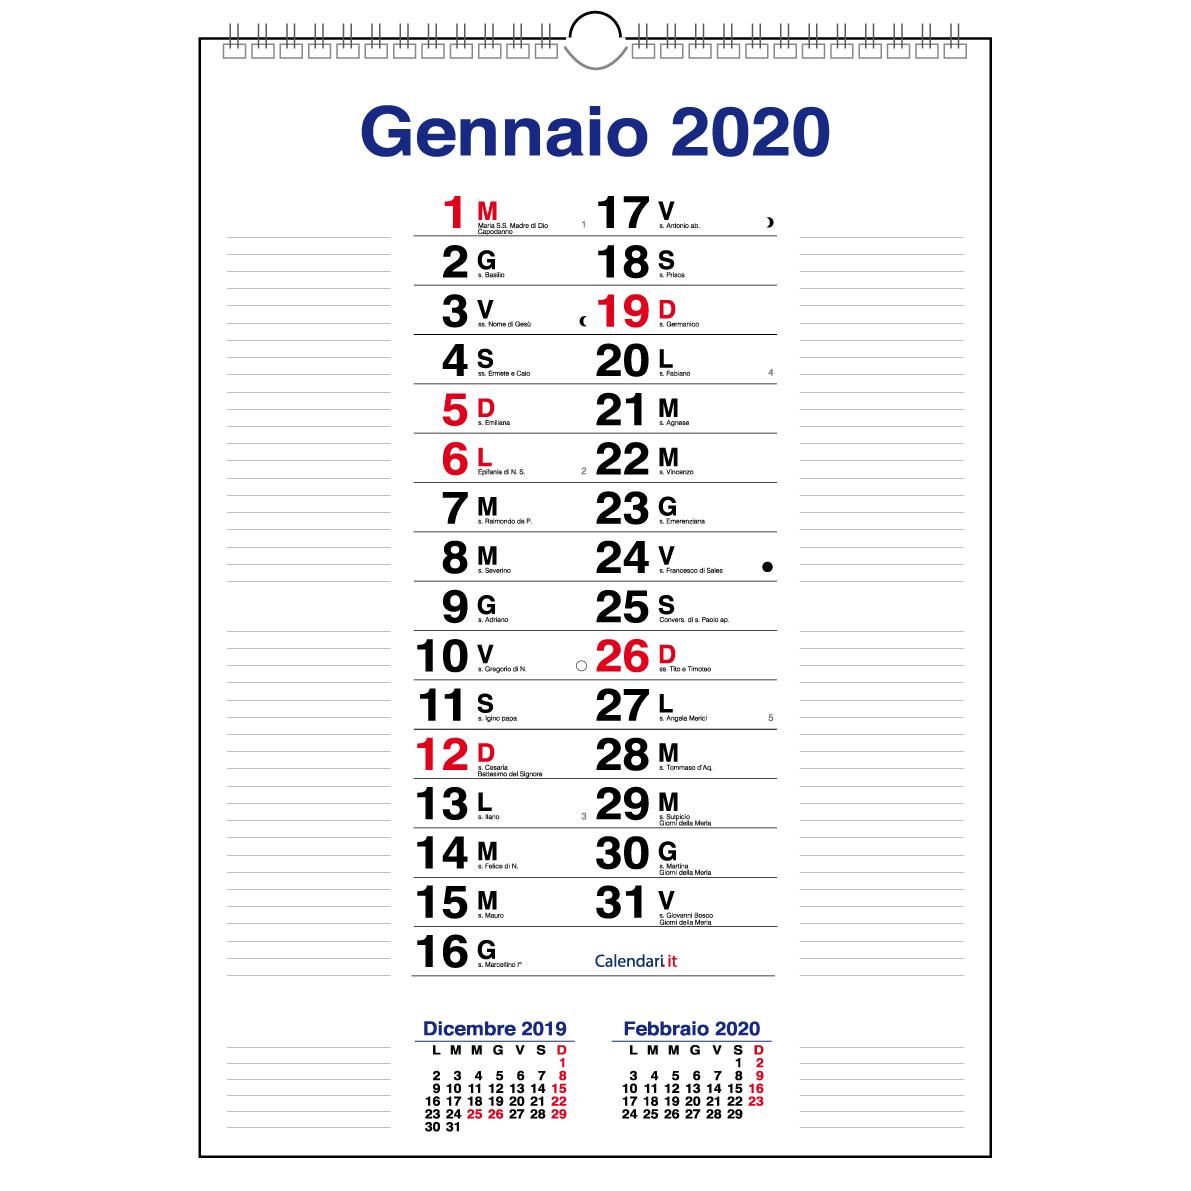 Calendario Dicembre 2020 Con Santi.Calendario 2020 Da Muro Mod Olandese Con Righe Ai Lati 30x42 Cm